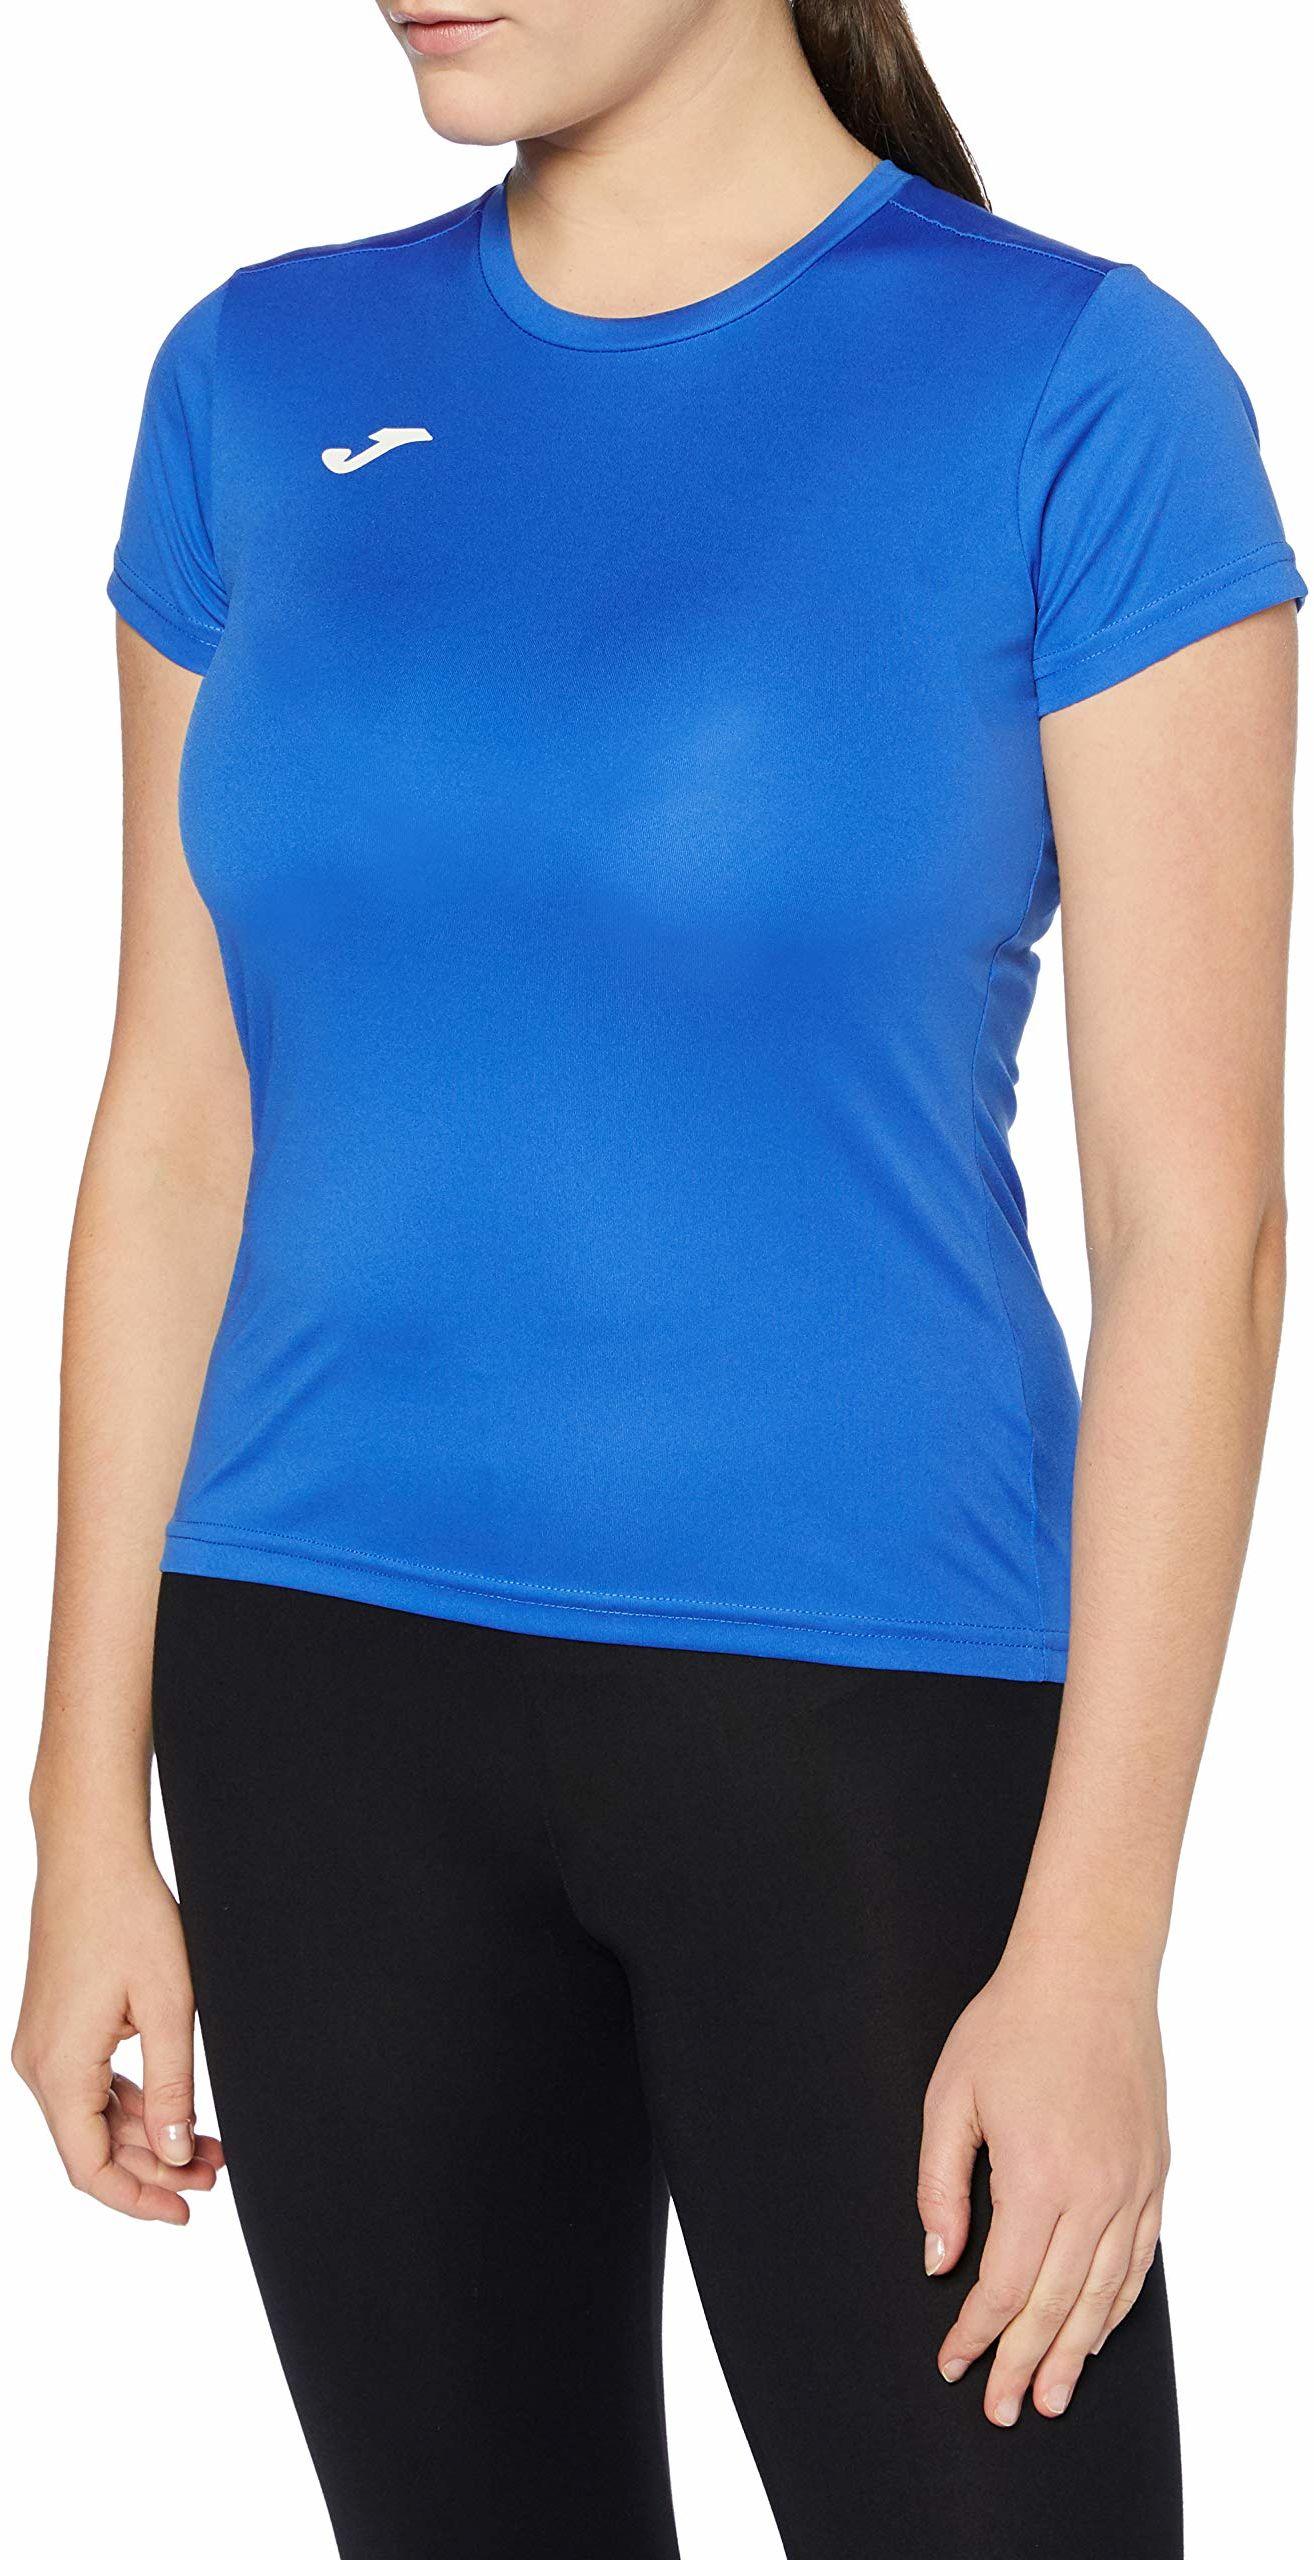 Joma damskie 900248.700 Joma 900248.700 T-shirty damskie - niebieski/królewski, X-Small Blue/Royal L